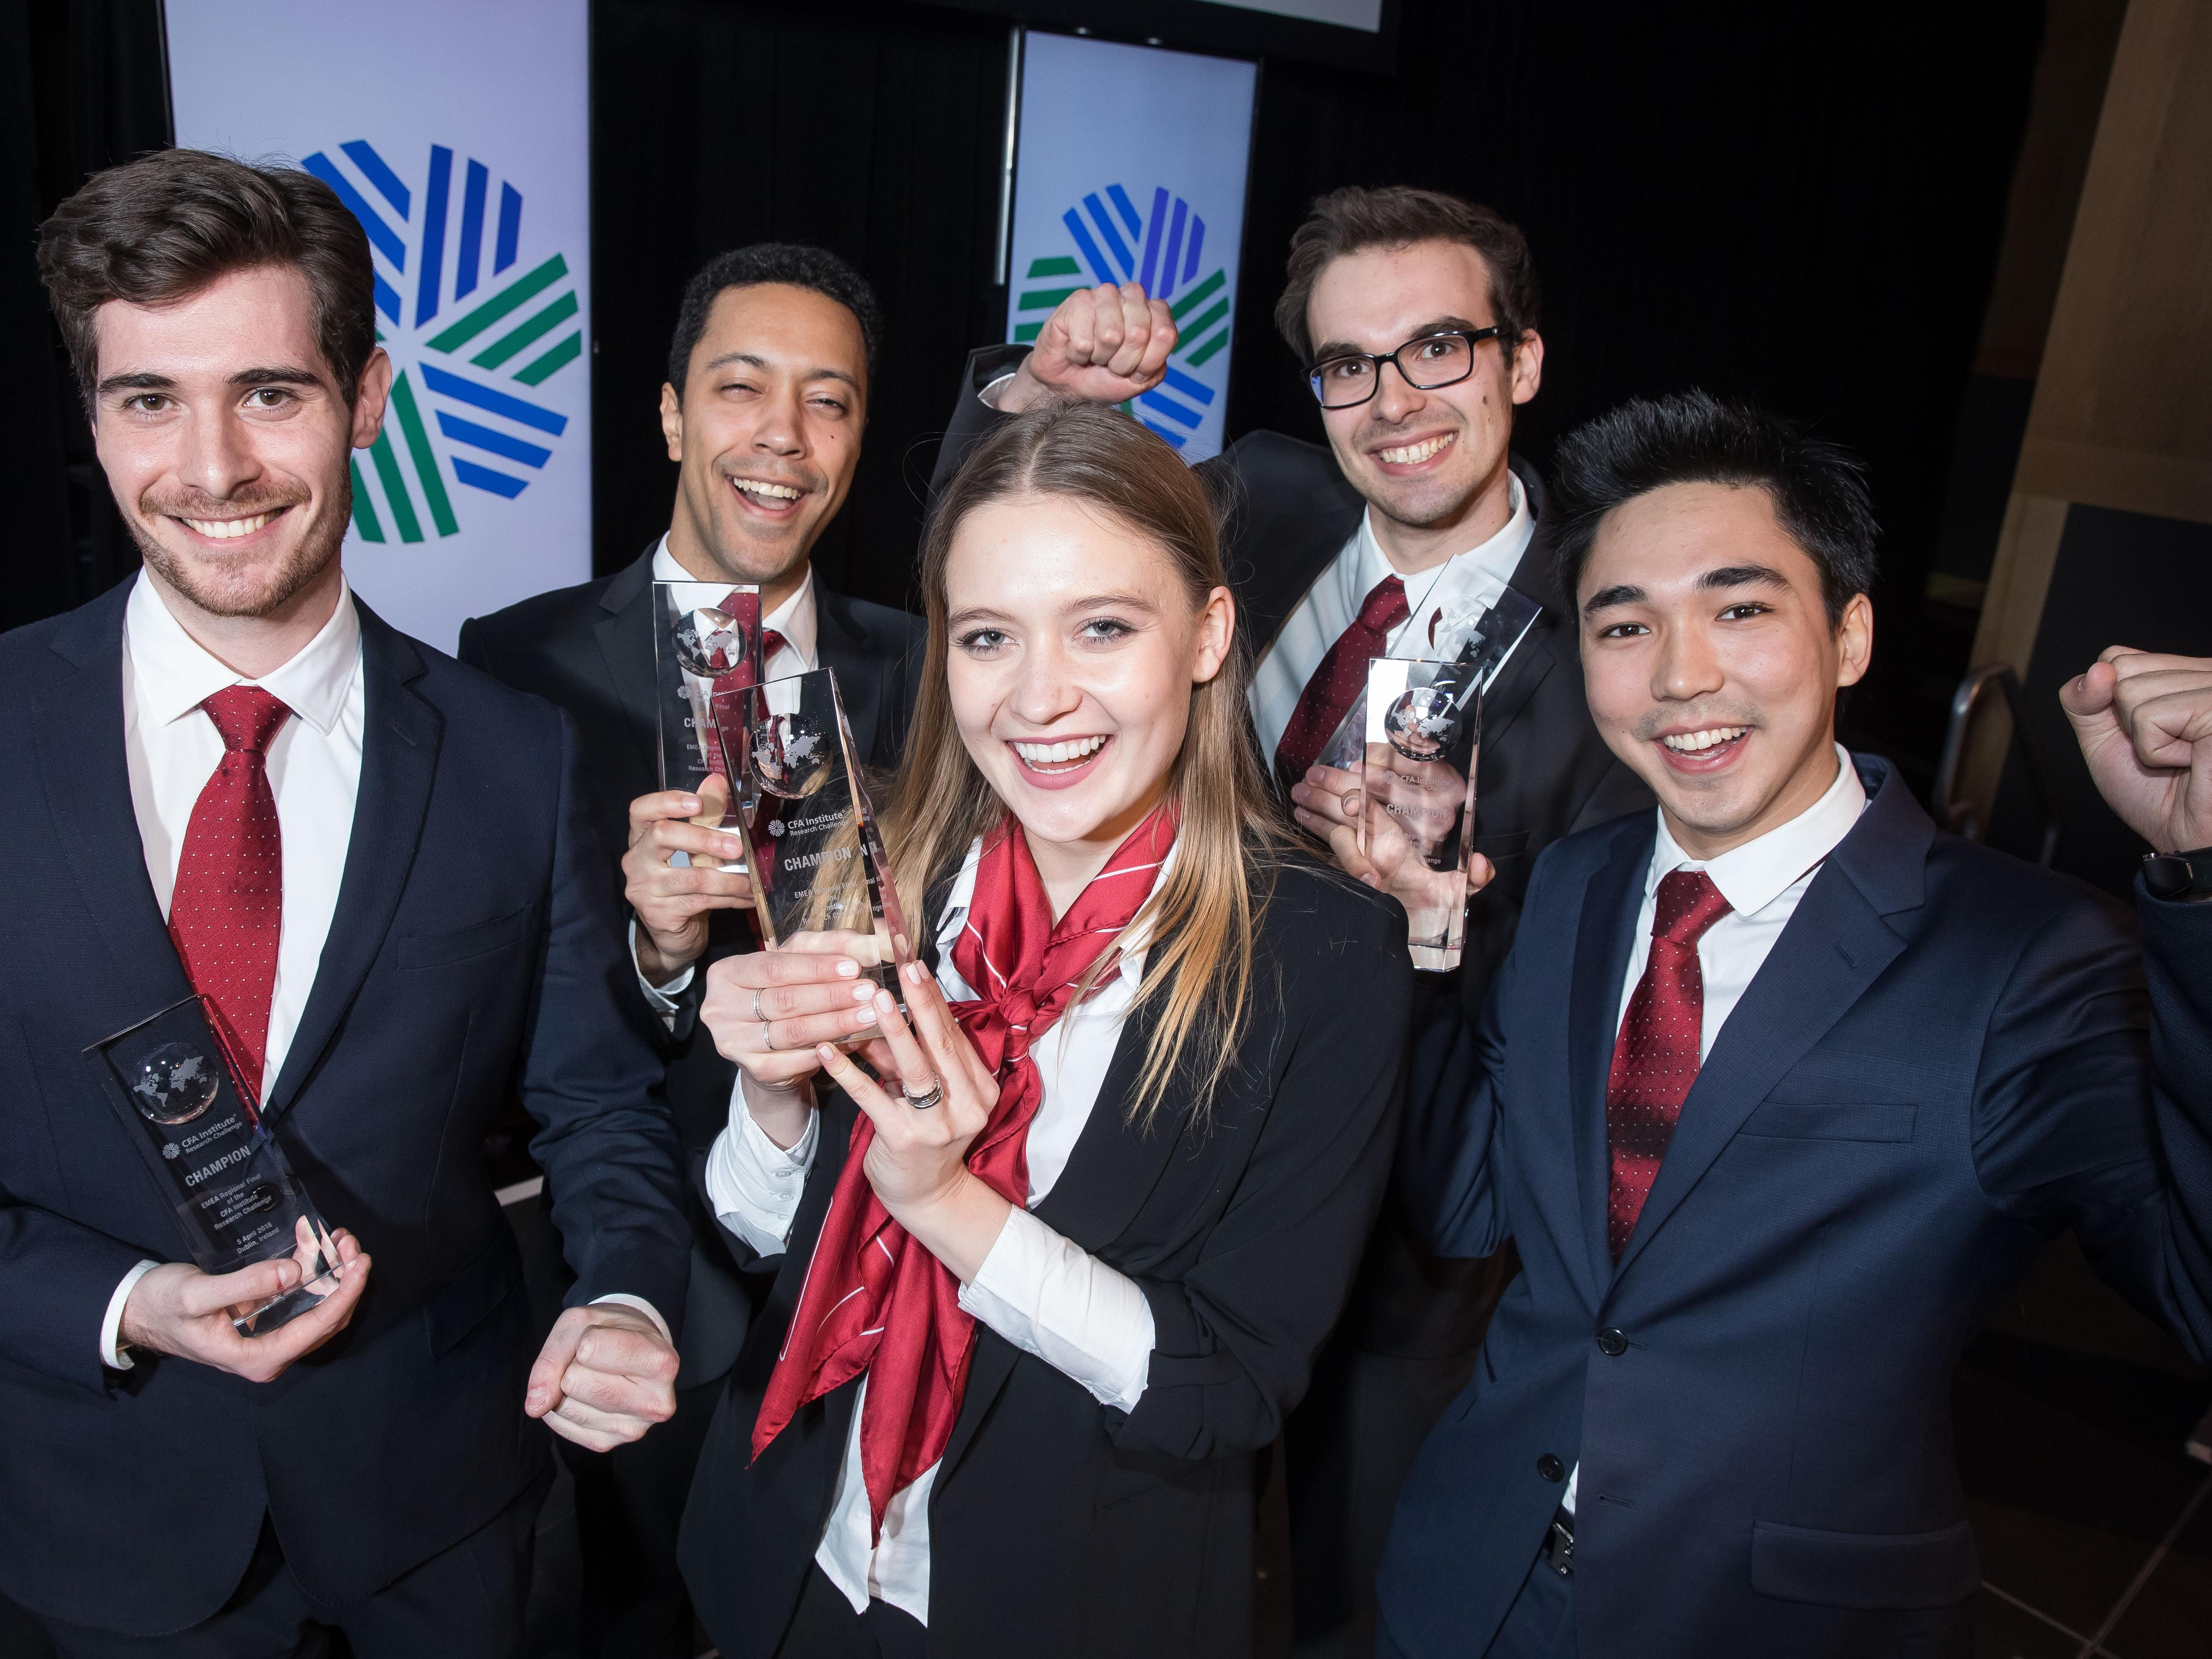 L'équipe de HEC Lausanne remporte la finale régionale (EMEA) du CFA Institute Research Challenge